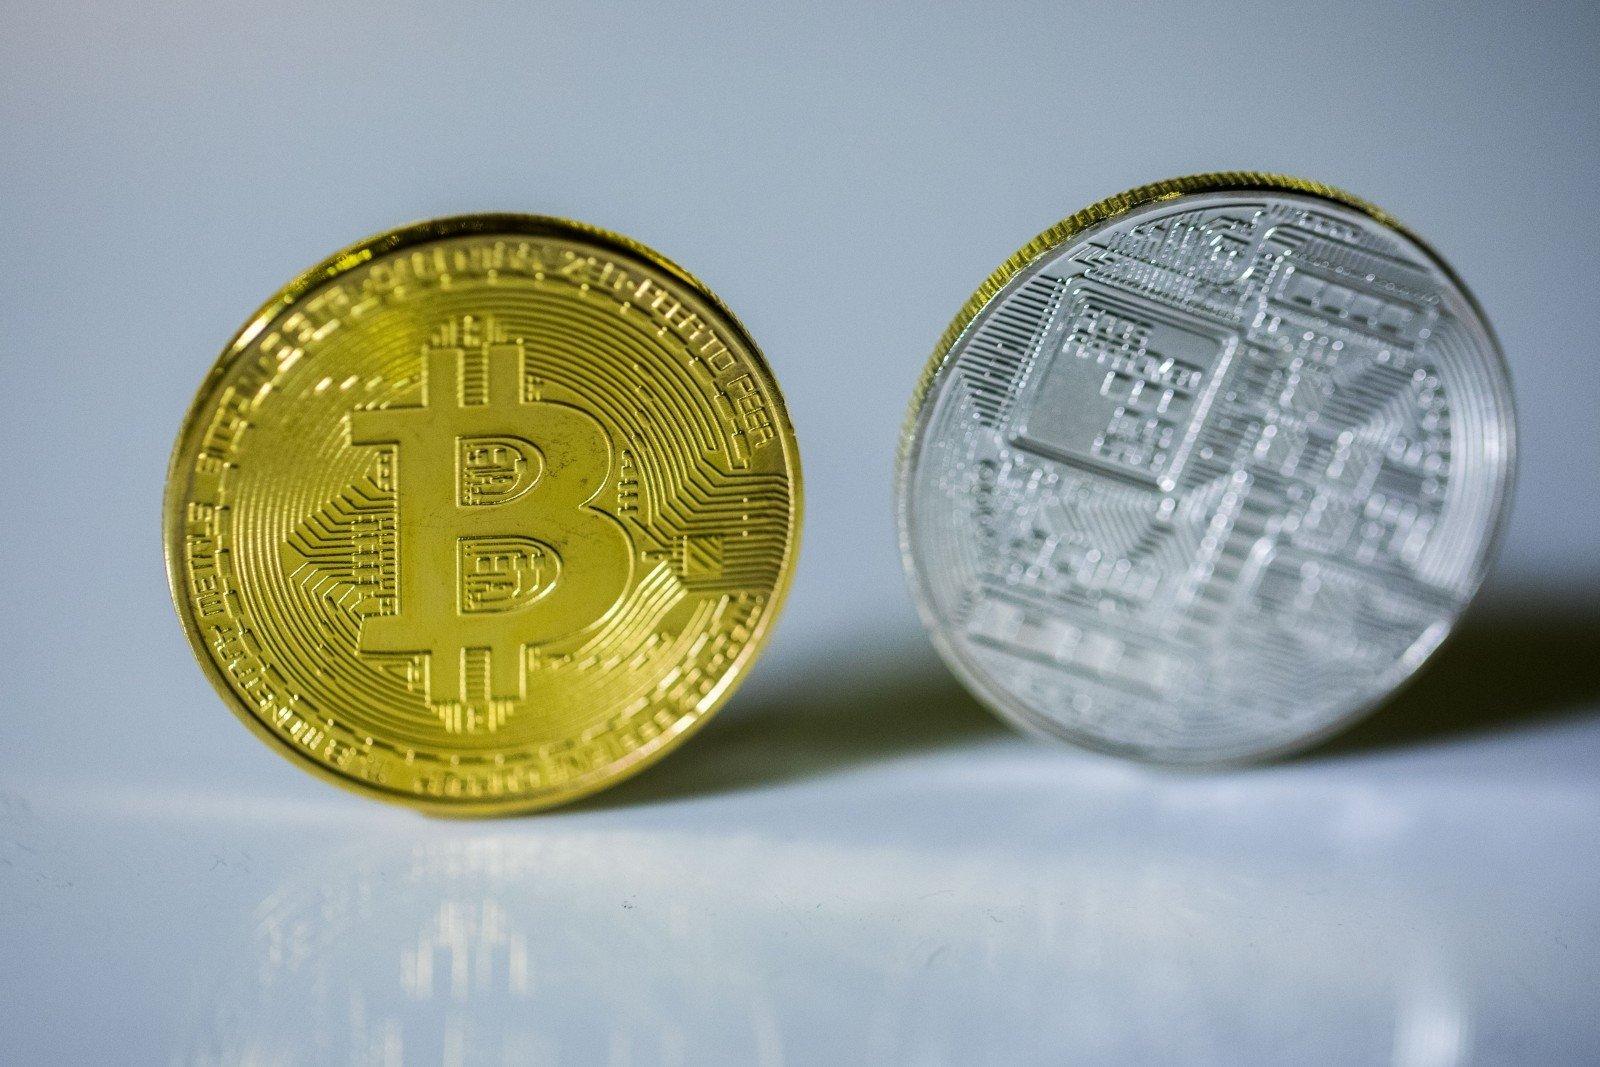 ar tai bitkoinas yra gera investicija kaip prekiauti opcionais uždarbio sezono metu